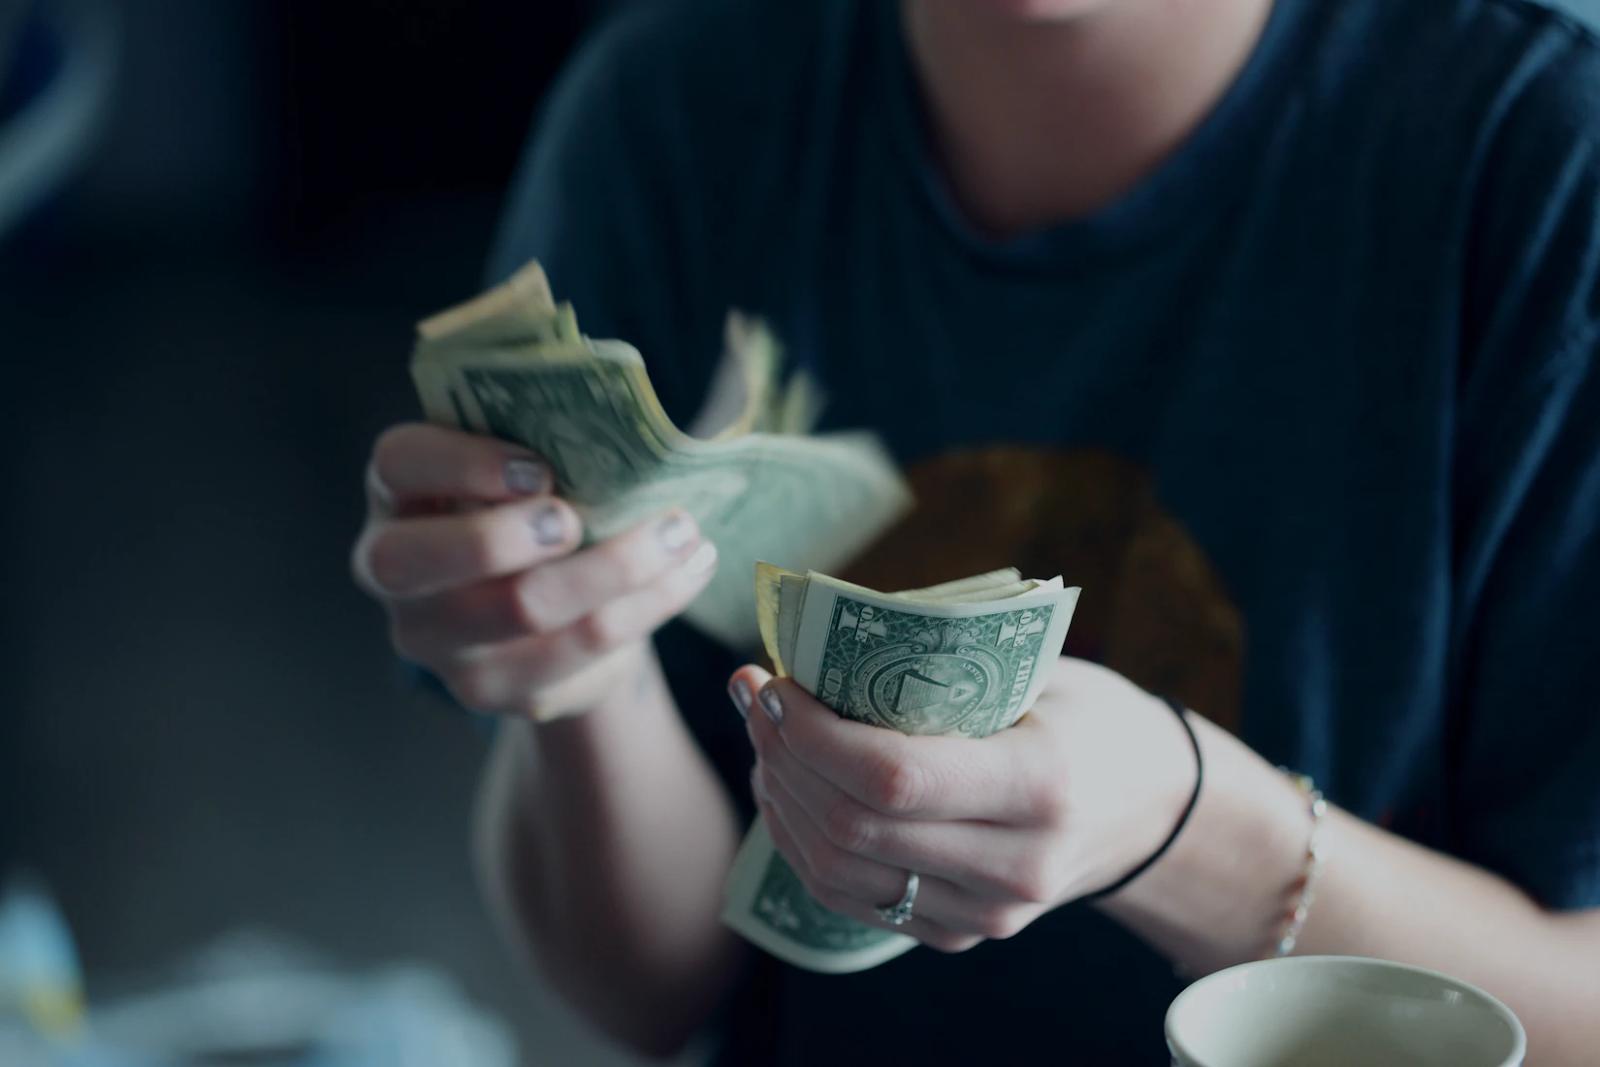 Учет расходов, сравнение вкладов, биржевые данные 5 полезных финансовых сервисов